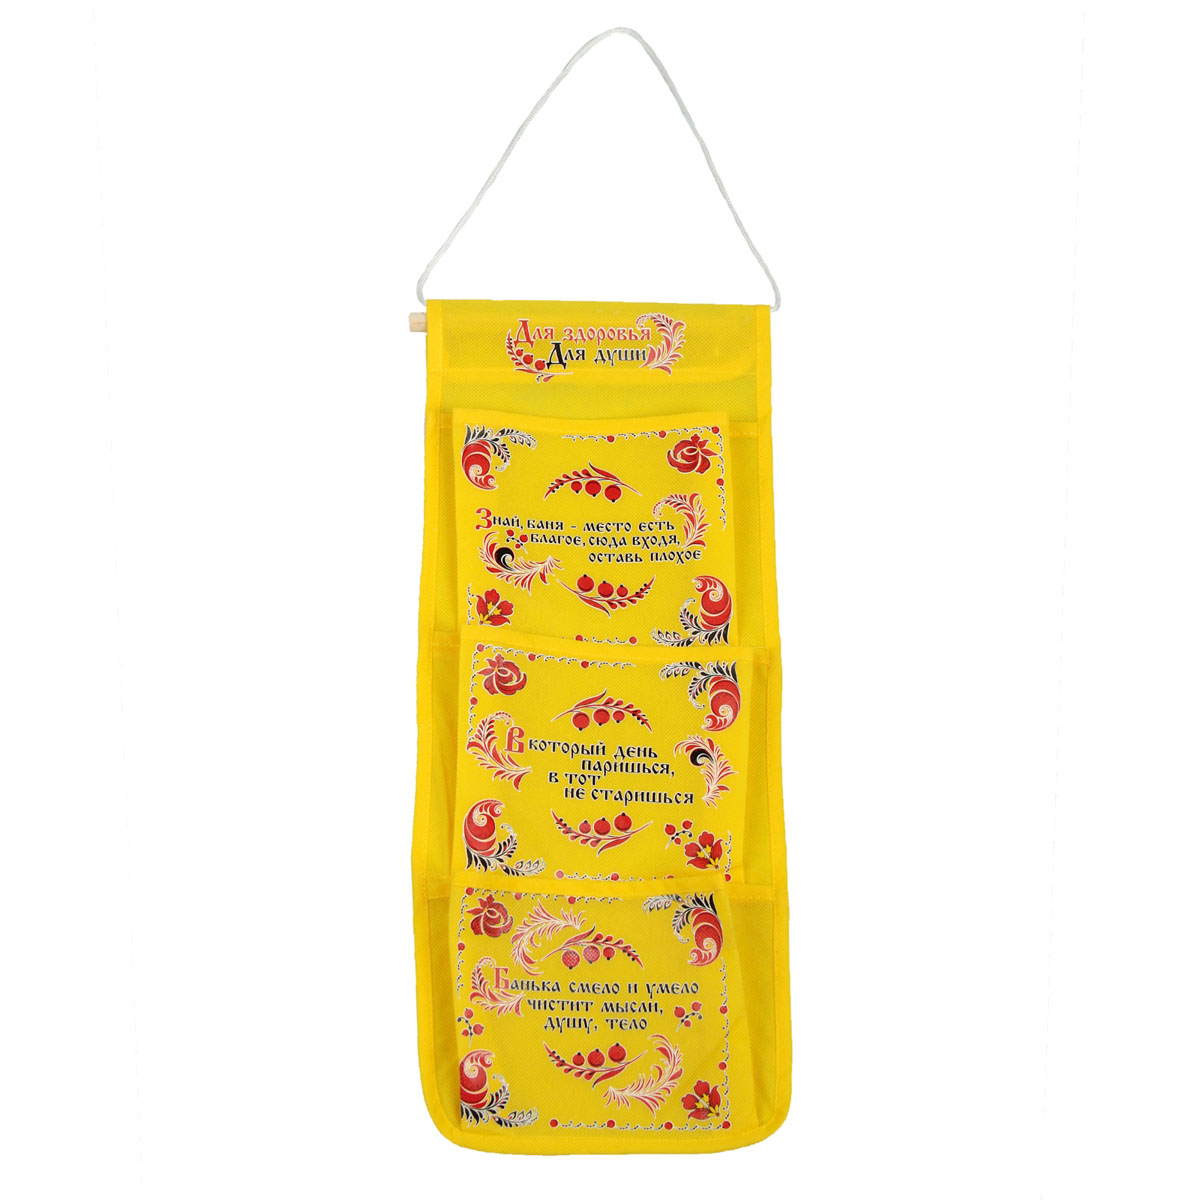 Кармашки на стену для бани Sima-land Для здоровья, для души, цвет: желтый, 3 шт кармашки на стену sima land все для спа процедур цвет розовый 5 шт